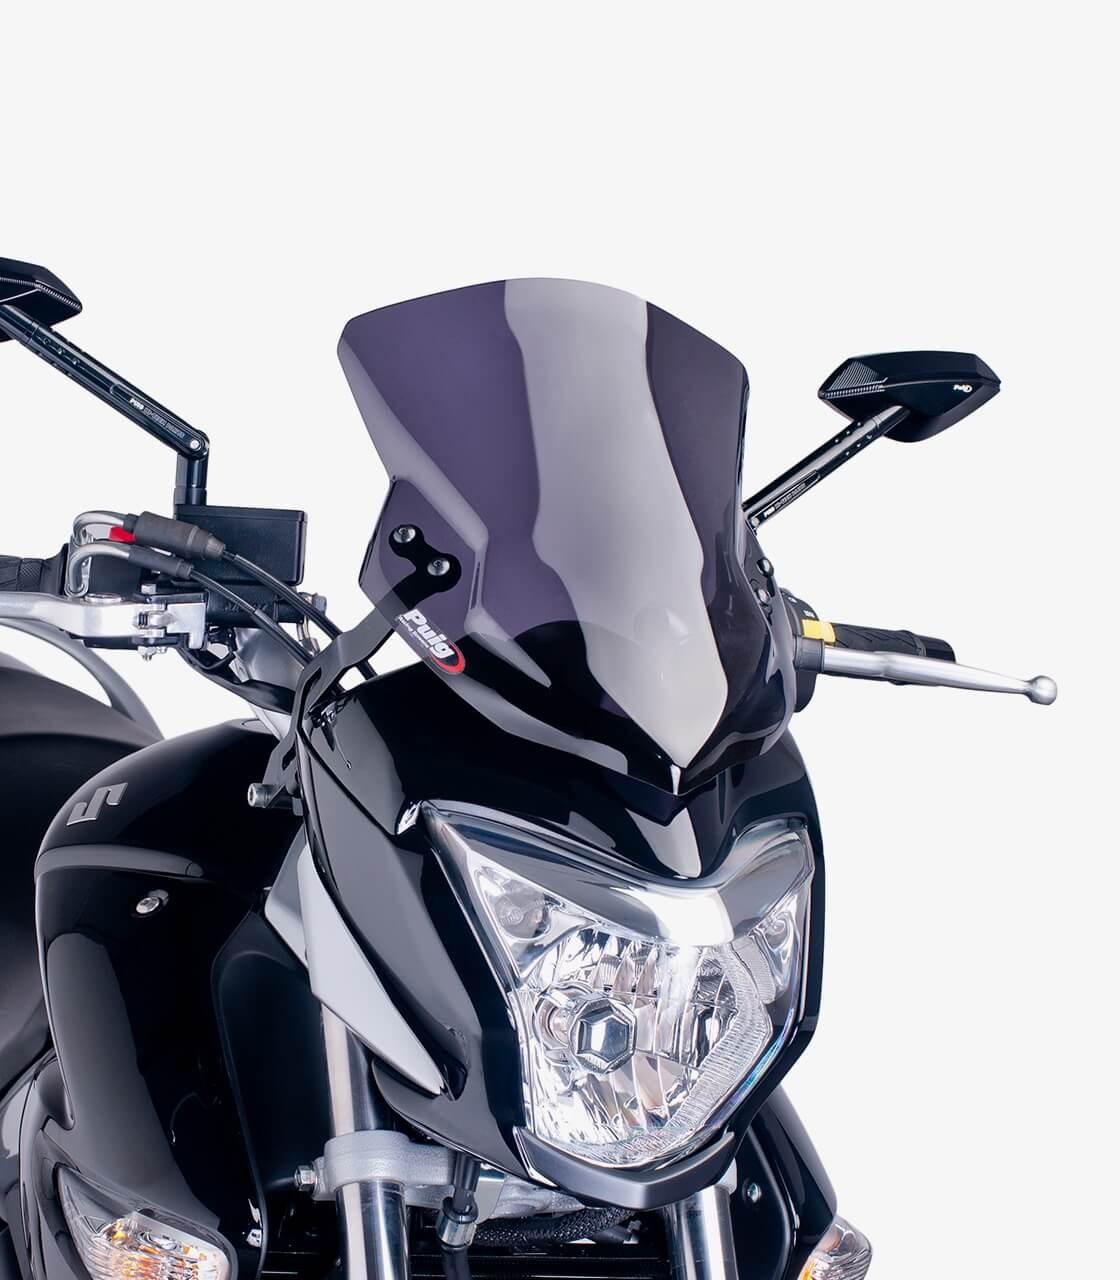 Suzuki GSR750 Puig Naked New Generation Sport Dark smoked